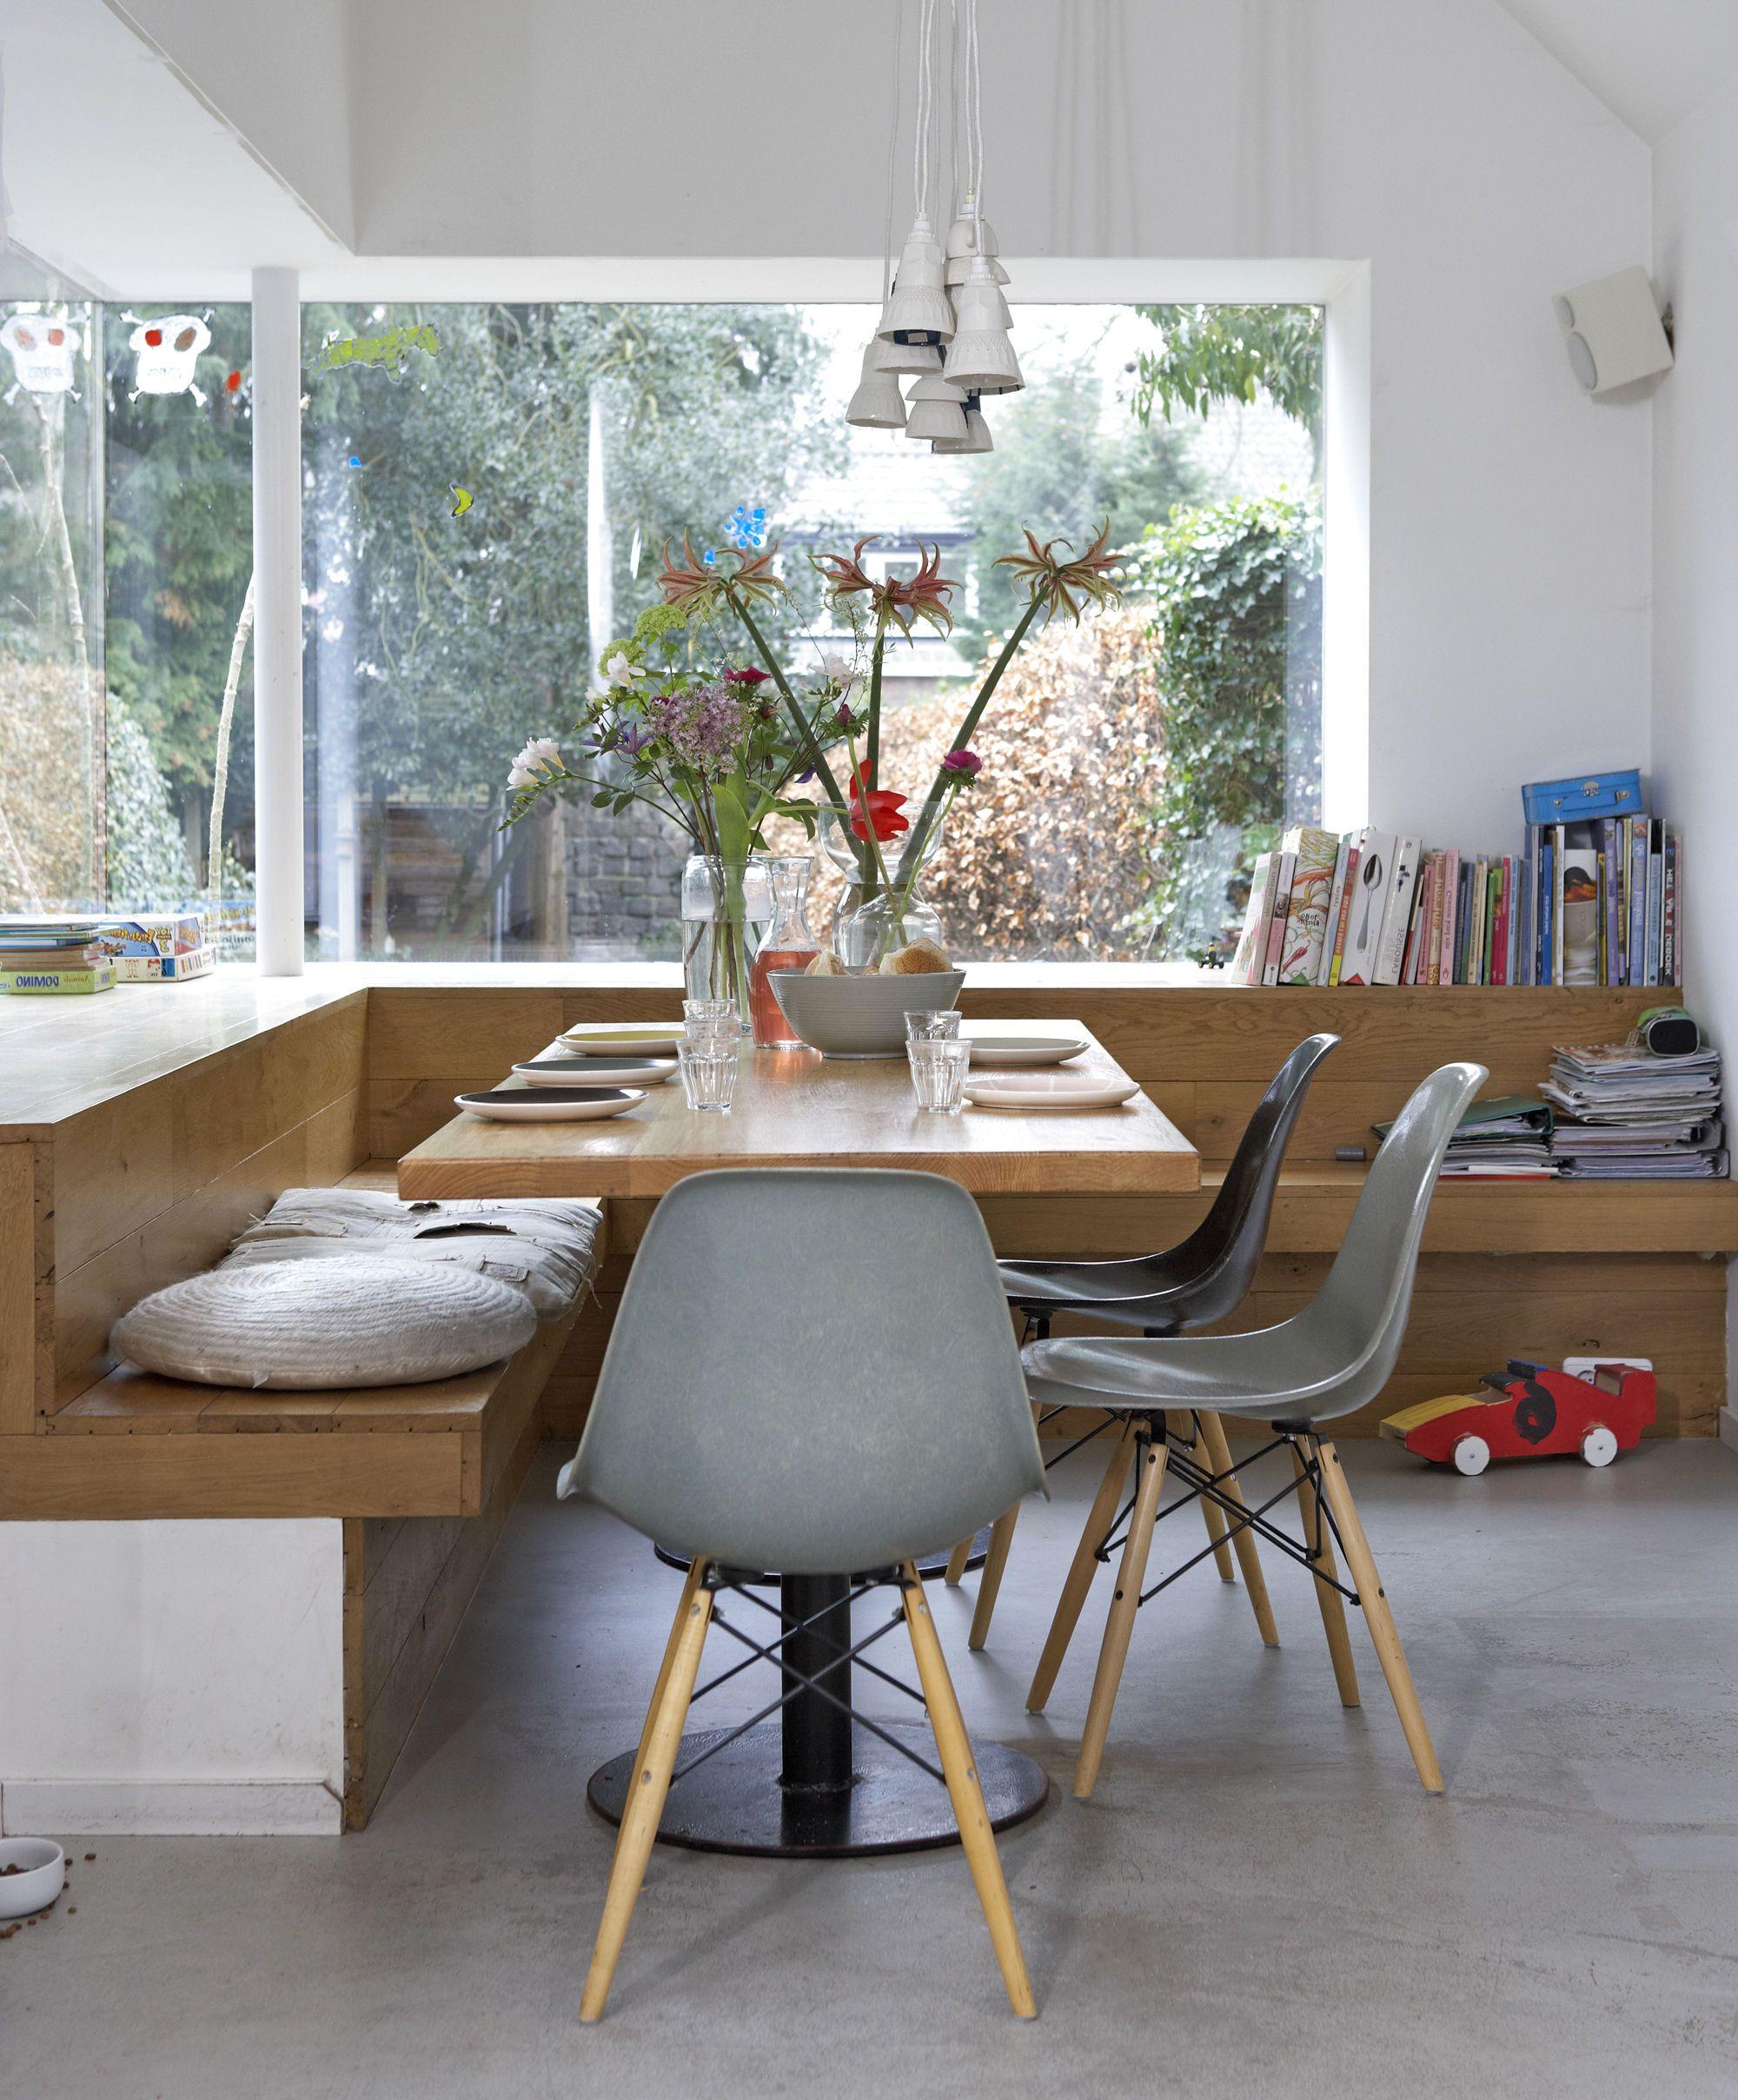 hoekbank eettafel marktplaats | Home Ideas - Furniture | Pinterest ...